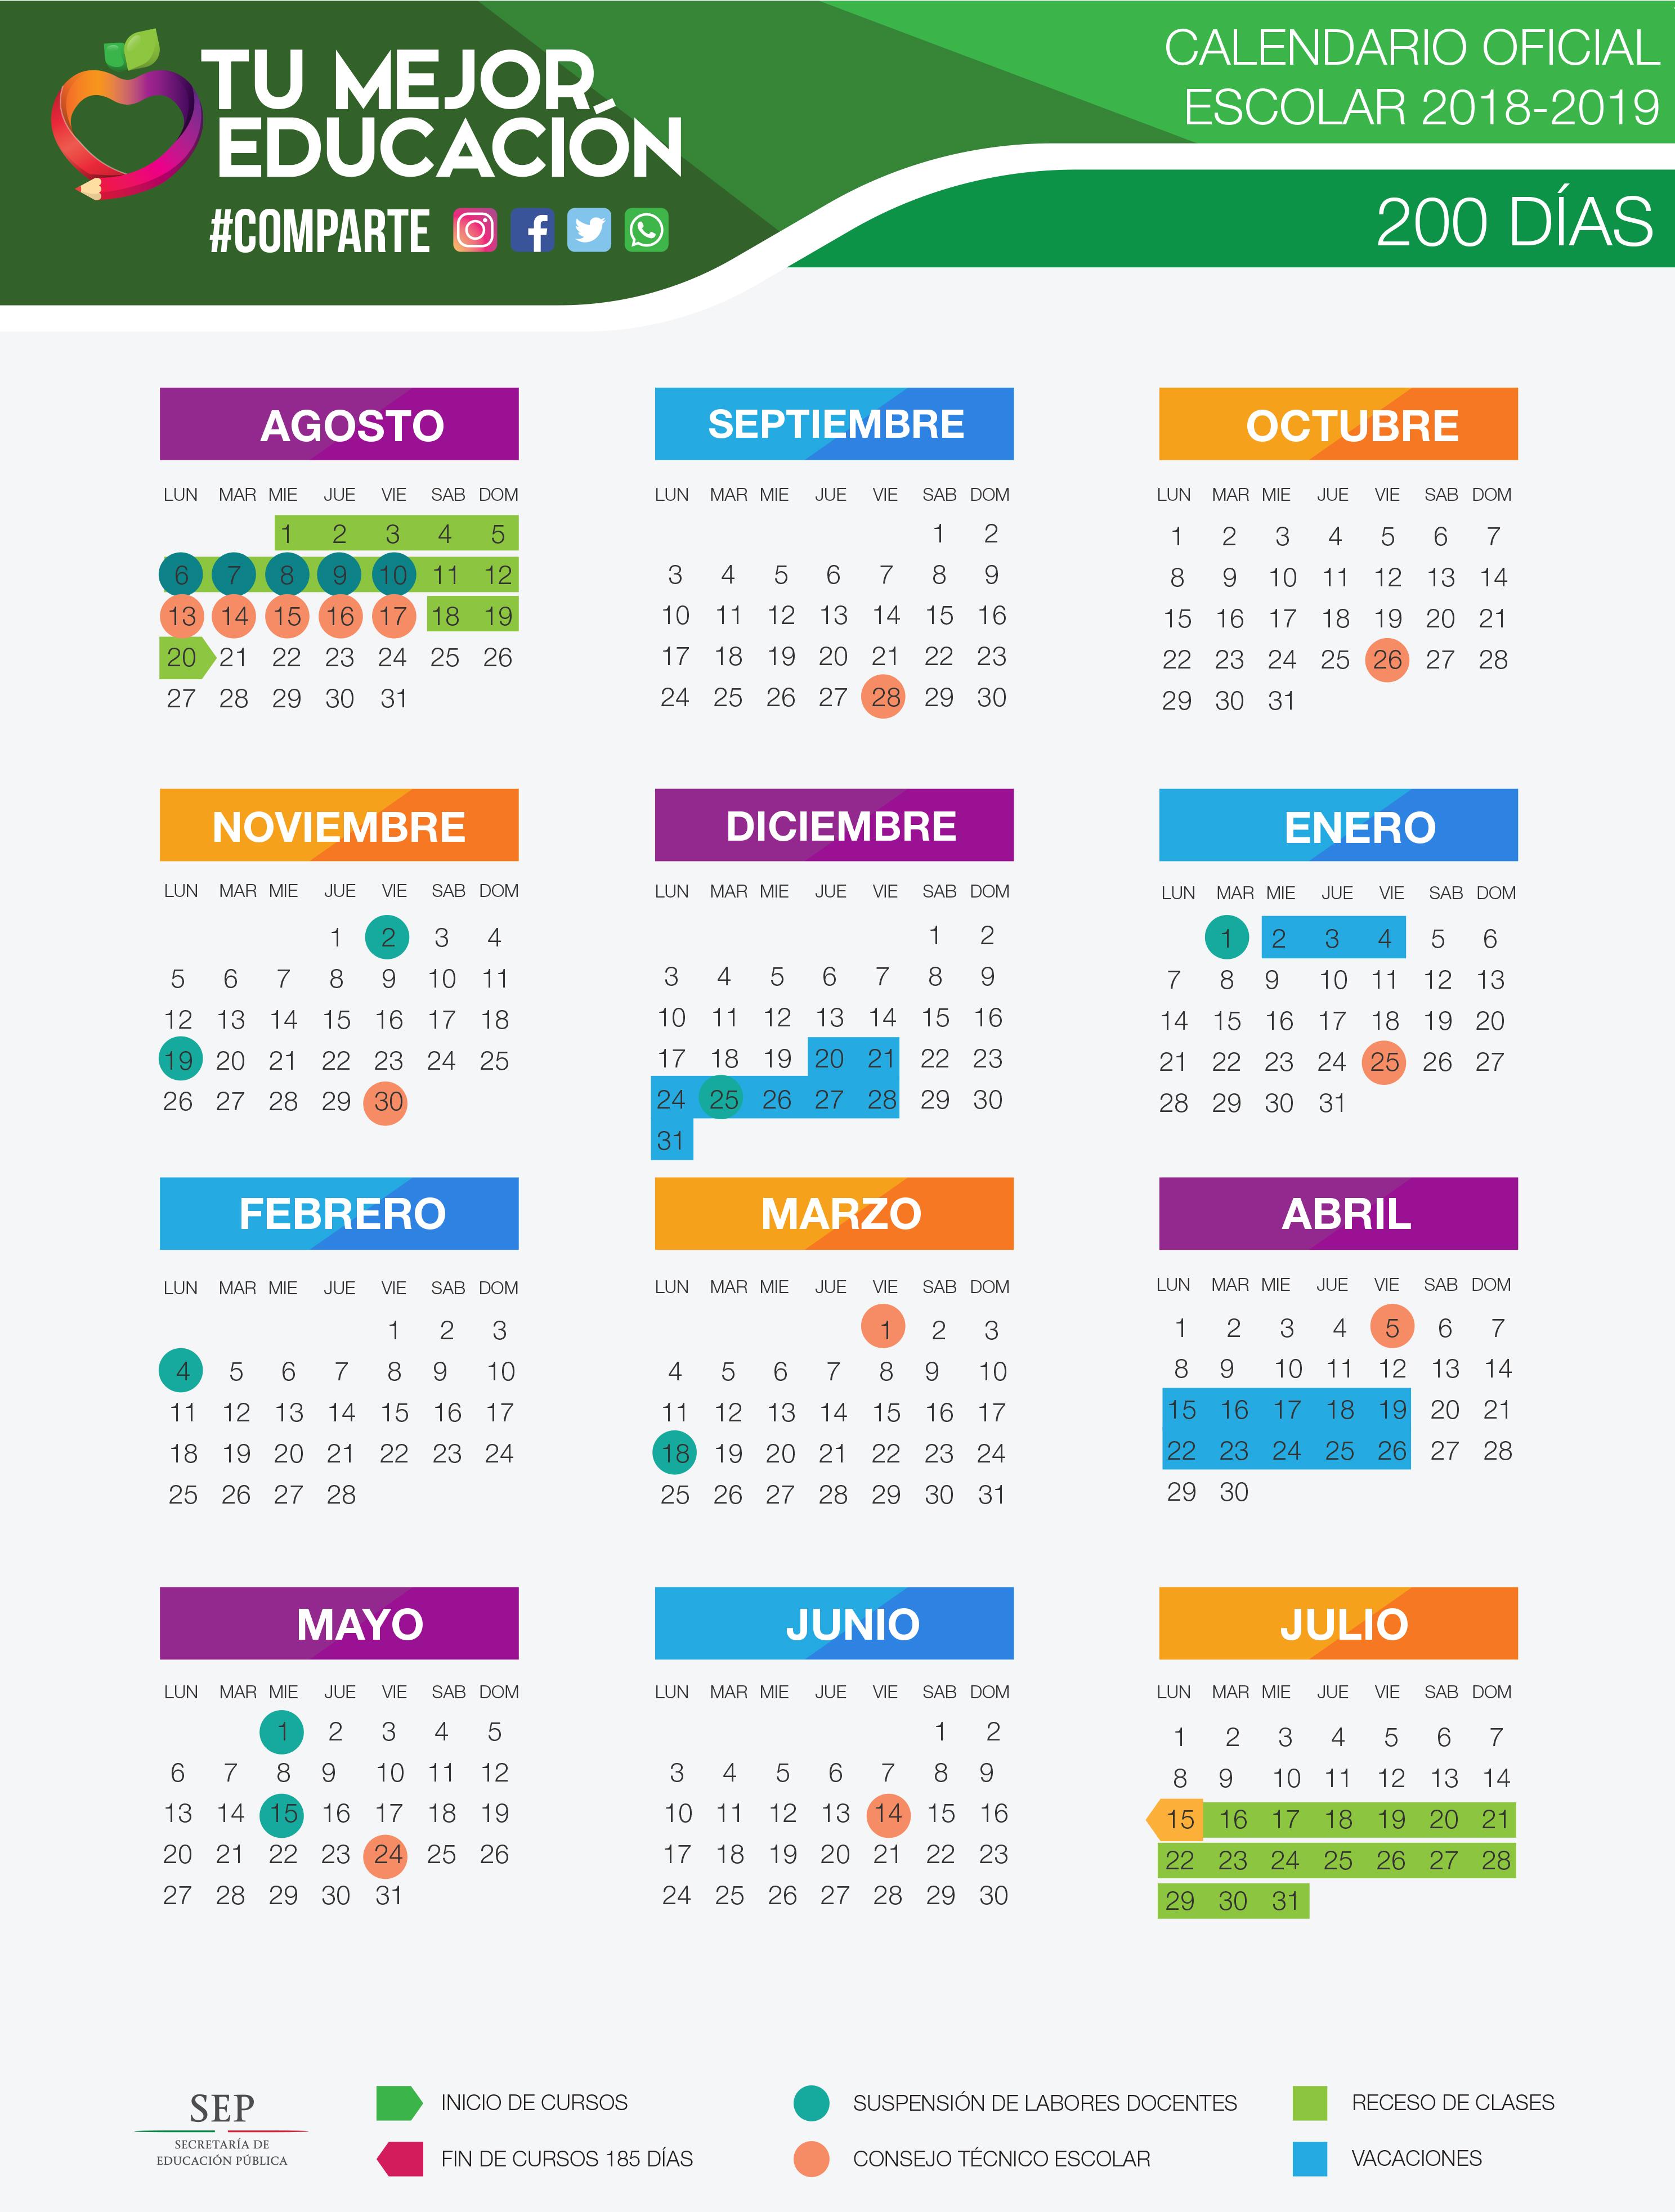 Calendario oficial 2018-2019